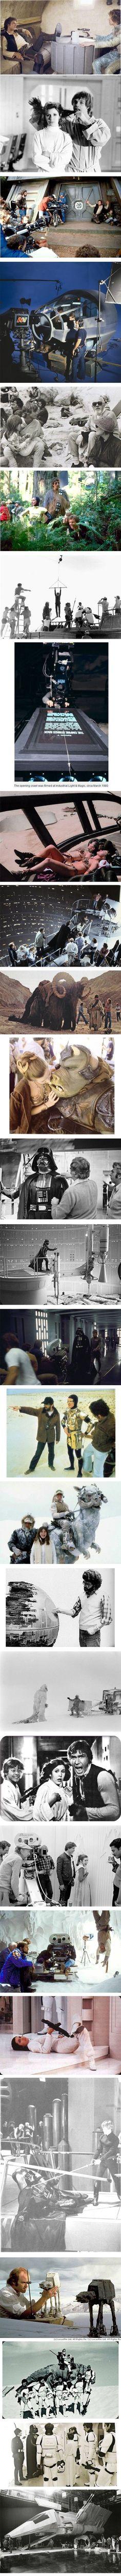 Star Wars behind the scenes! Disney